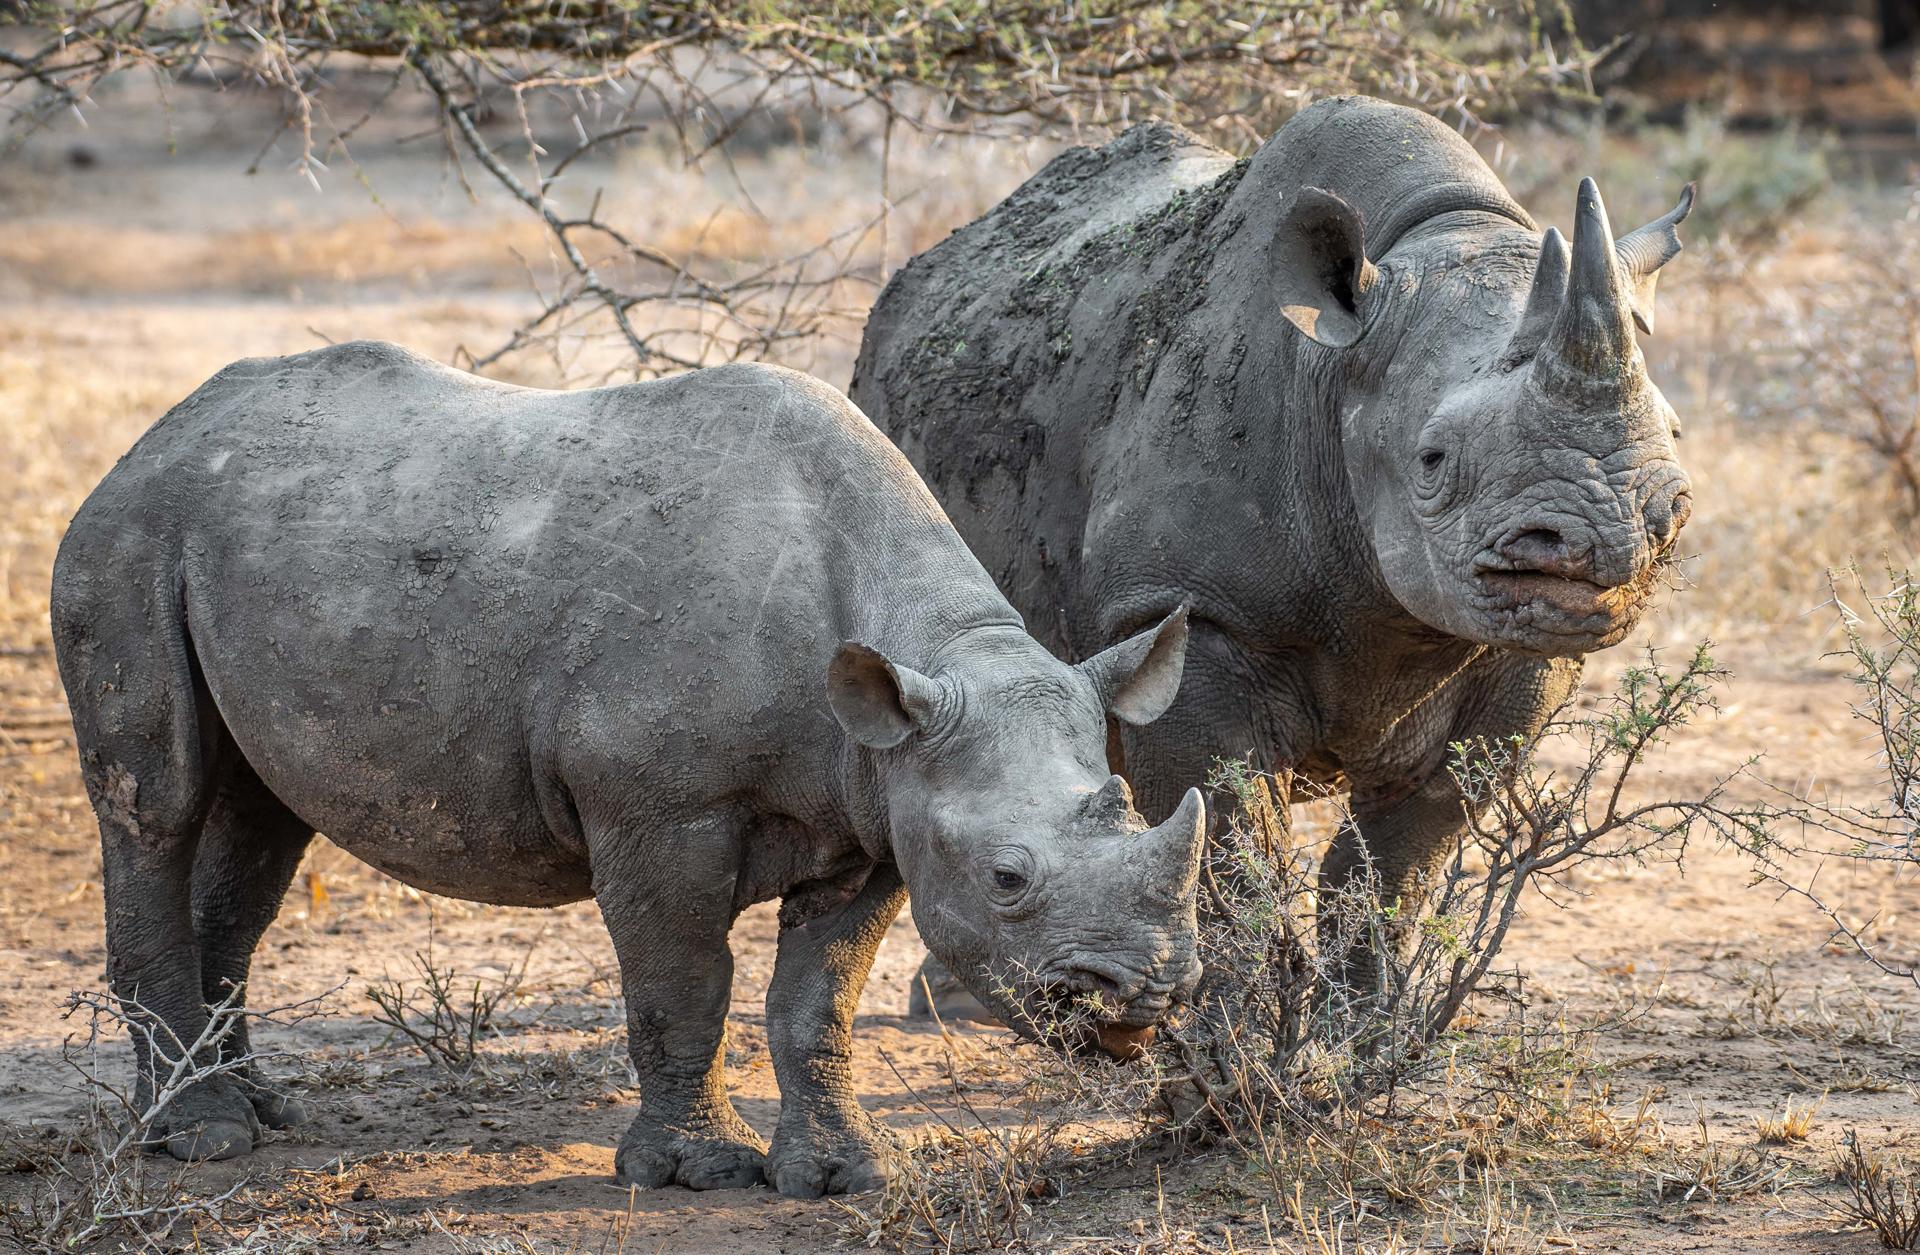 A black rhino and her calf